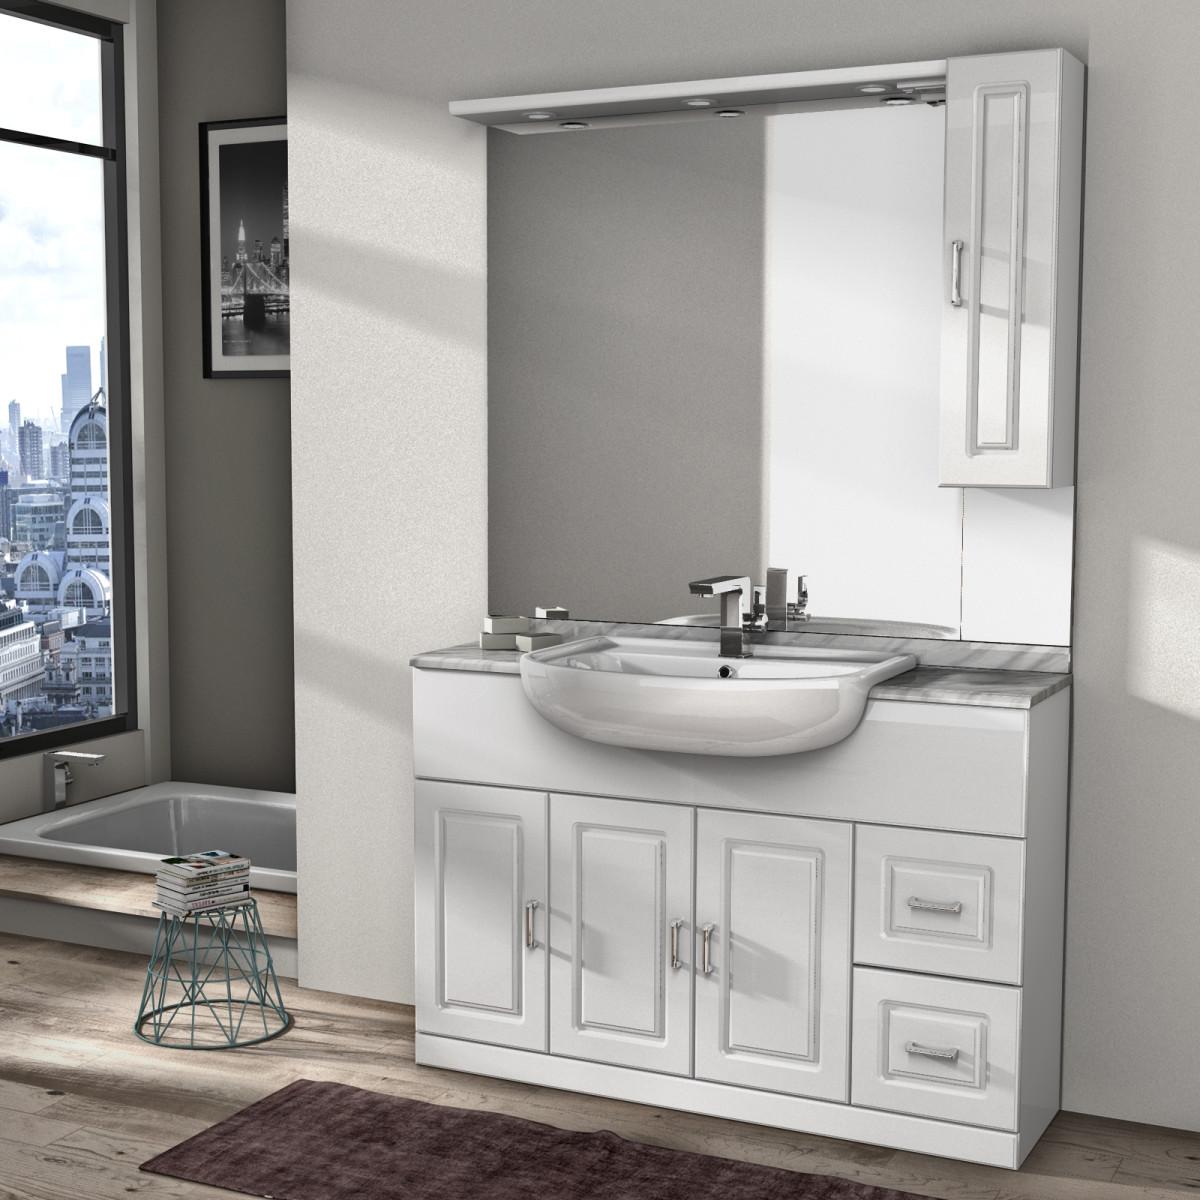 Mobile bagno con lavabo in ceramica 80 prezzo e offerte - Ceramica leroy merlin ...